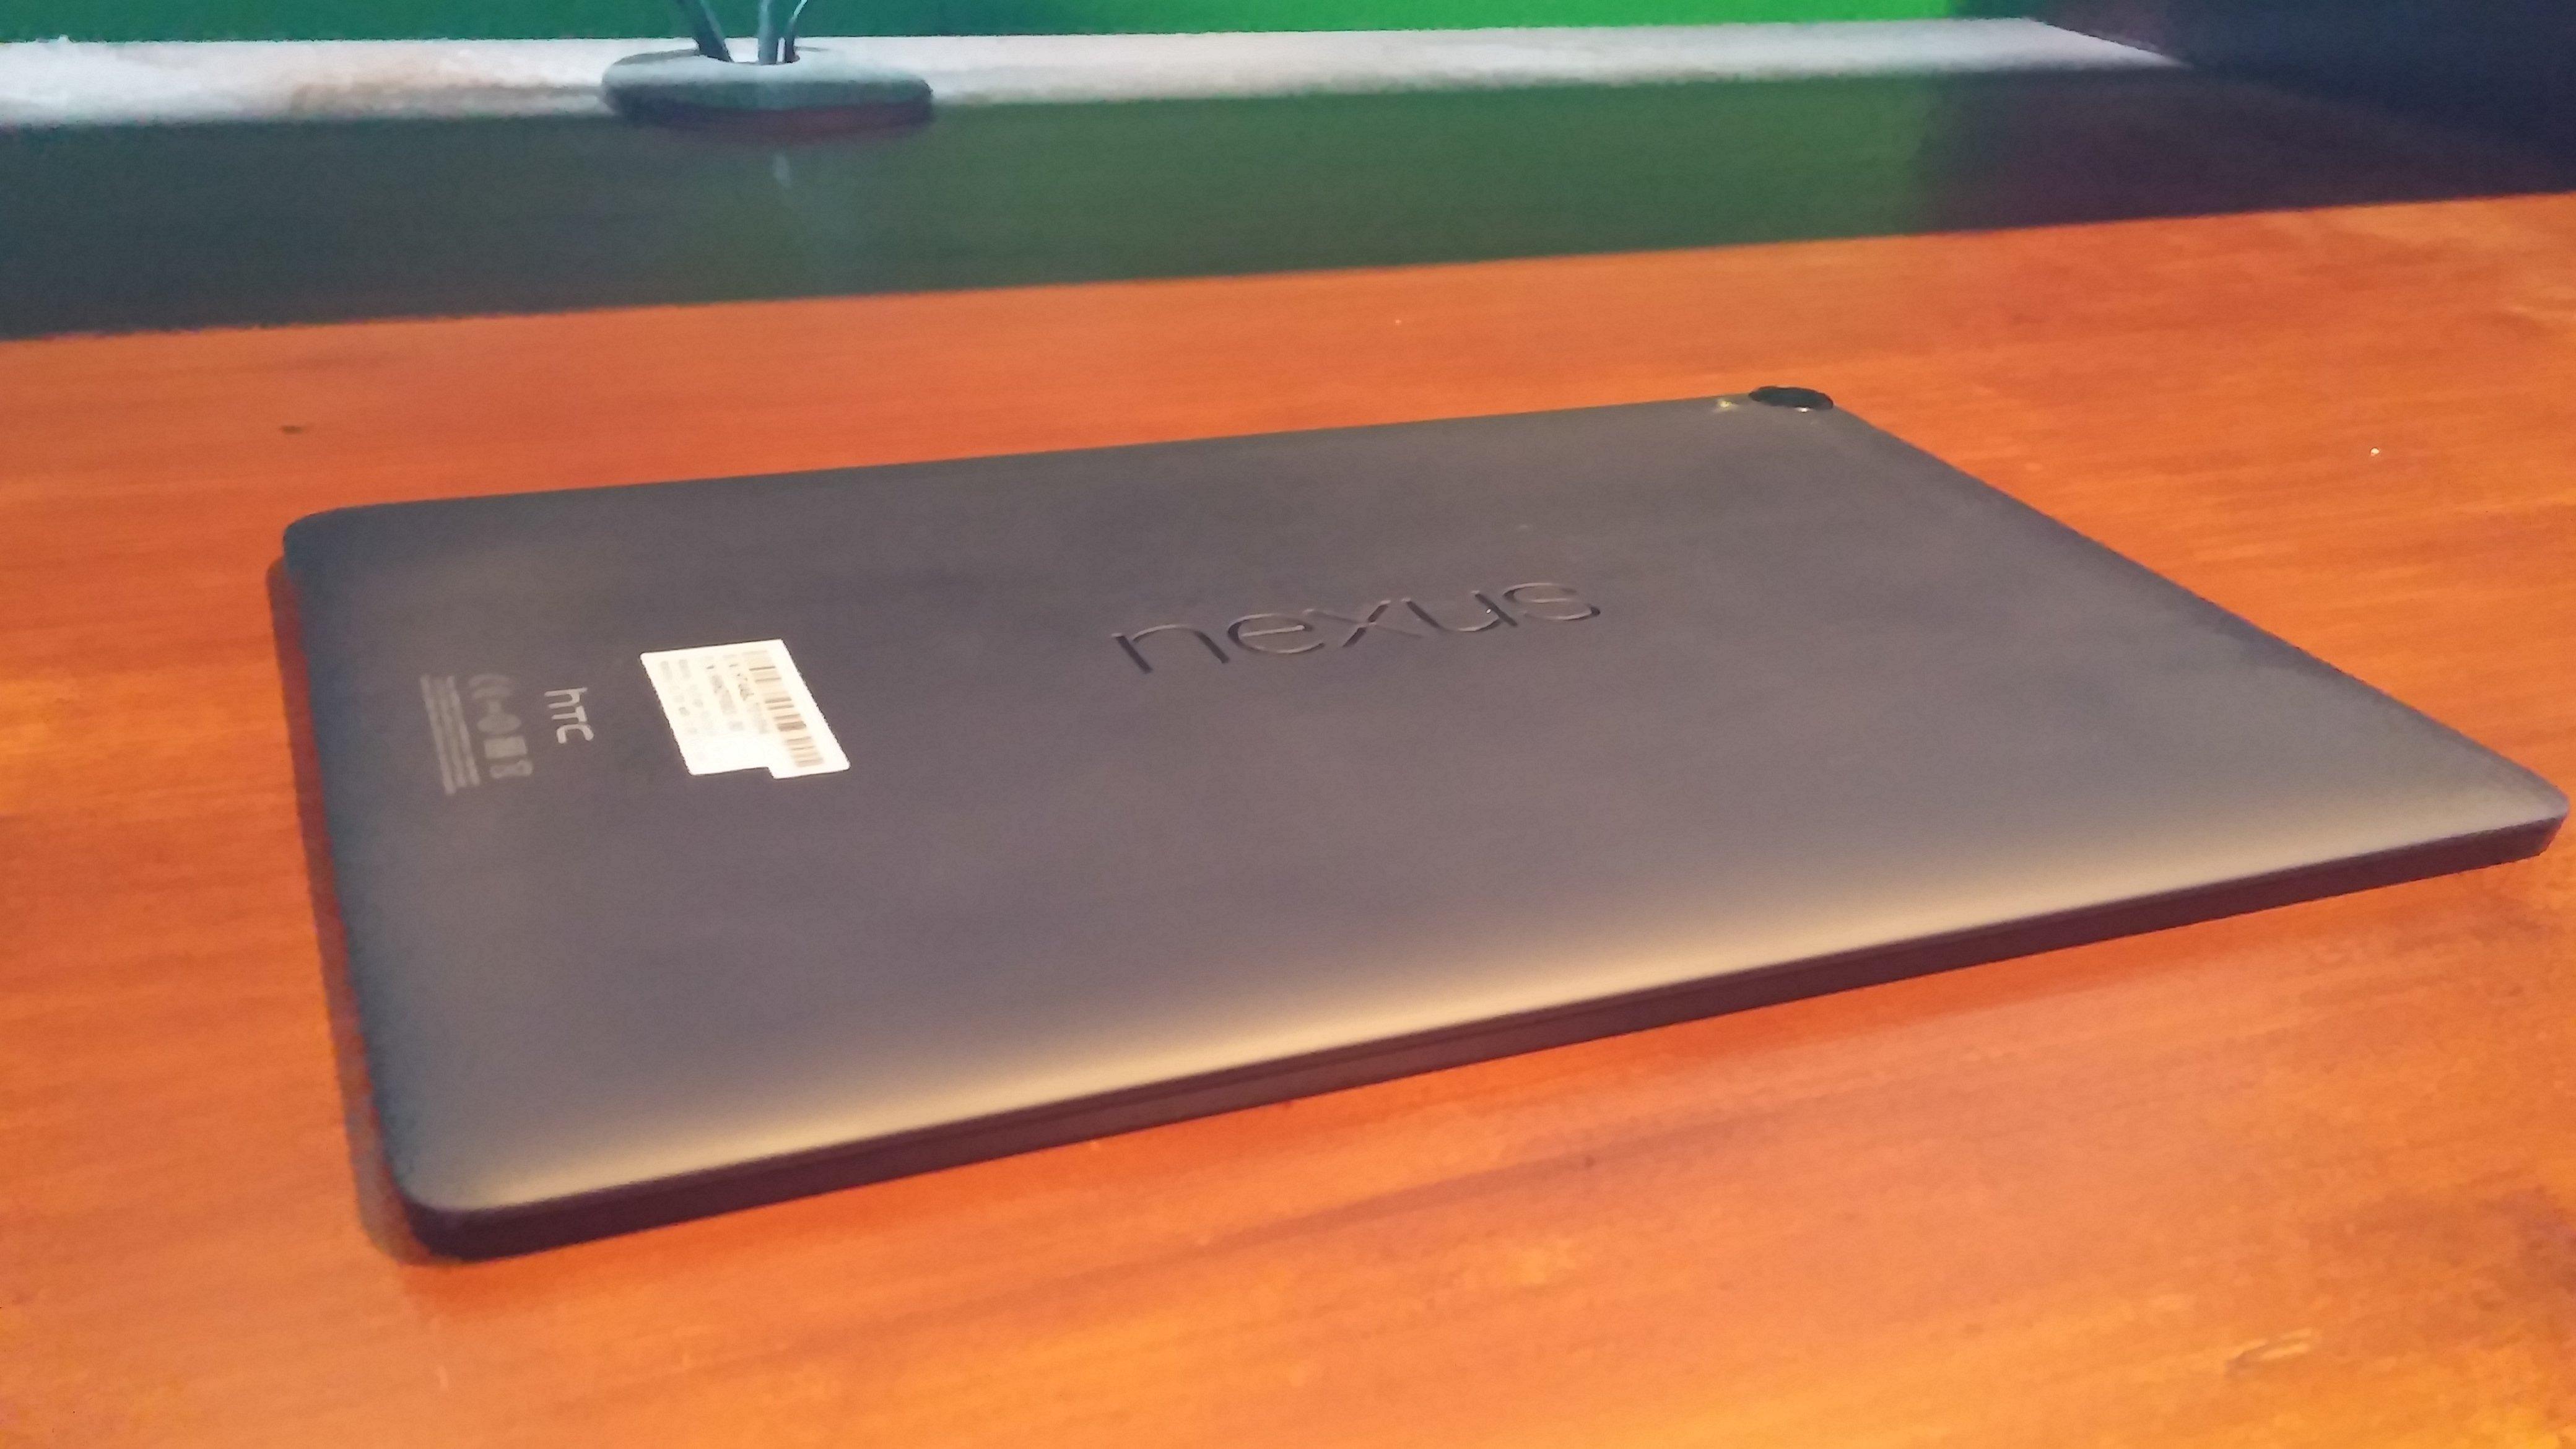 Nexus 9 back cover